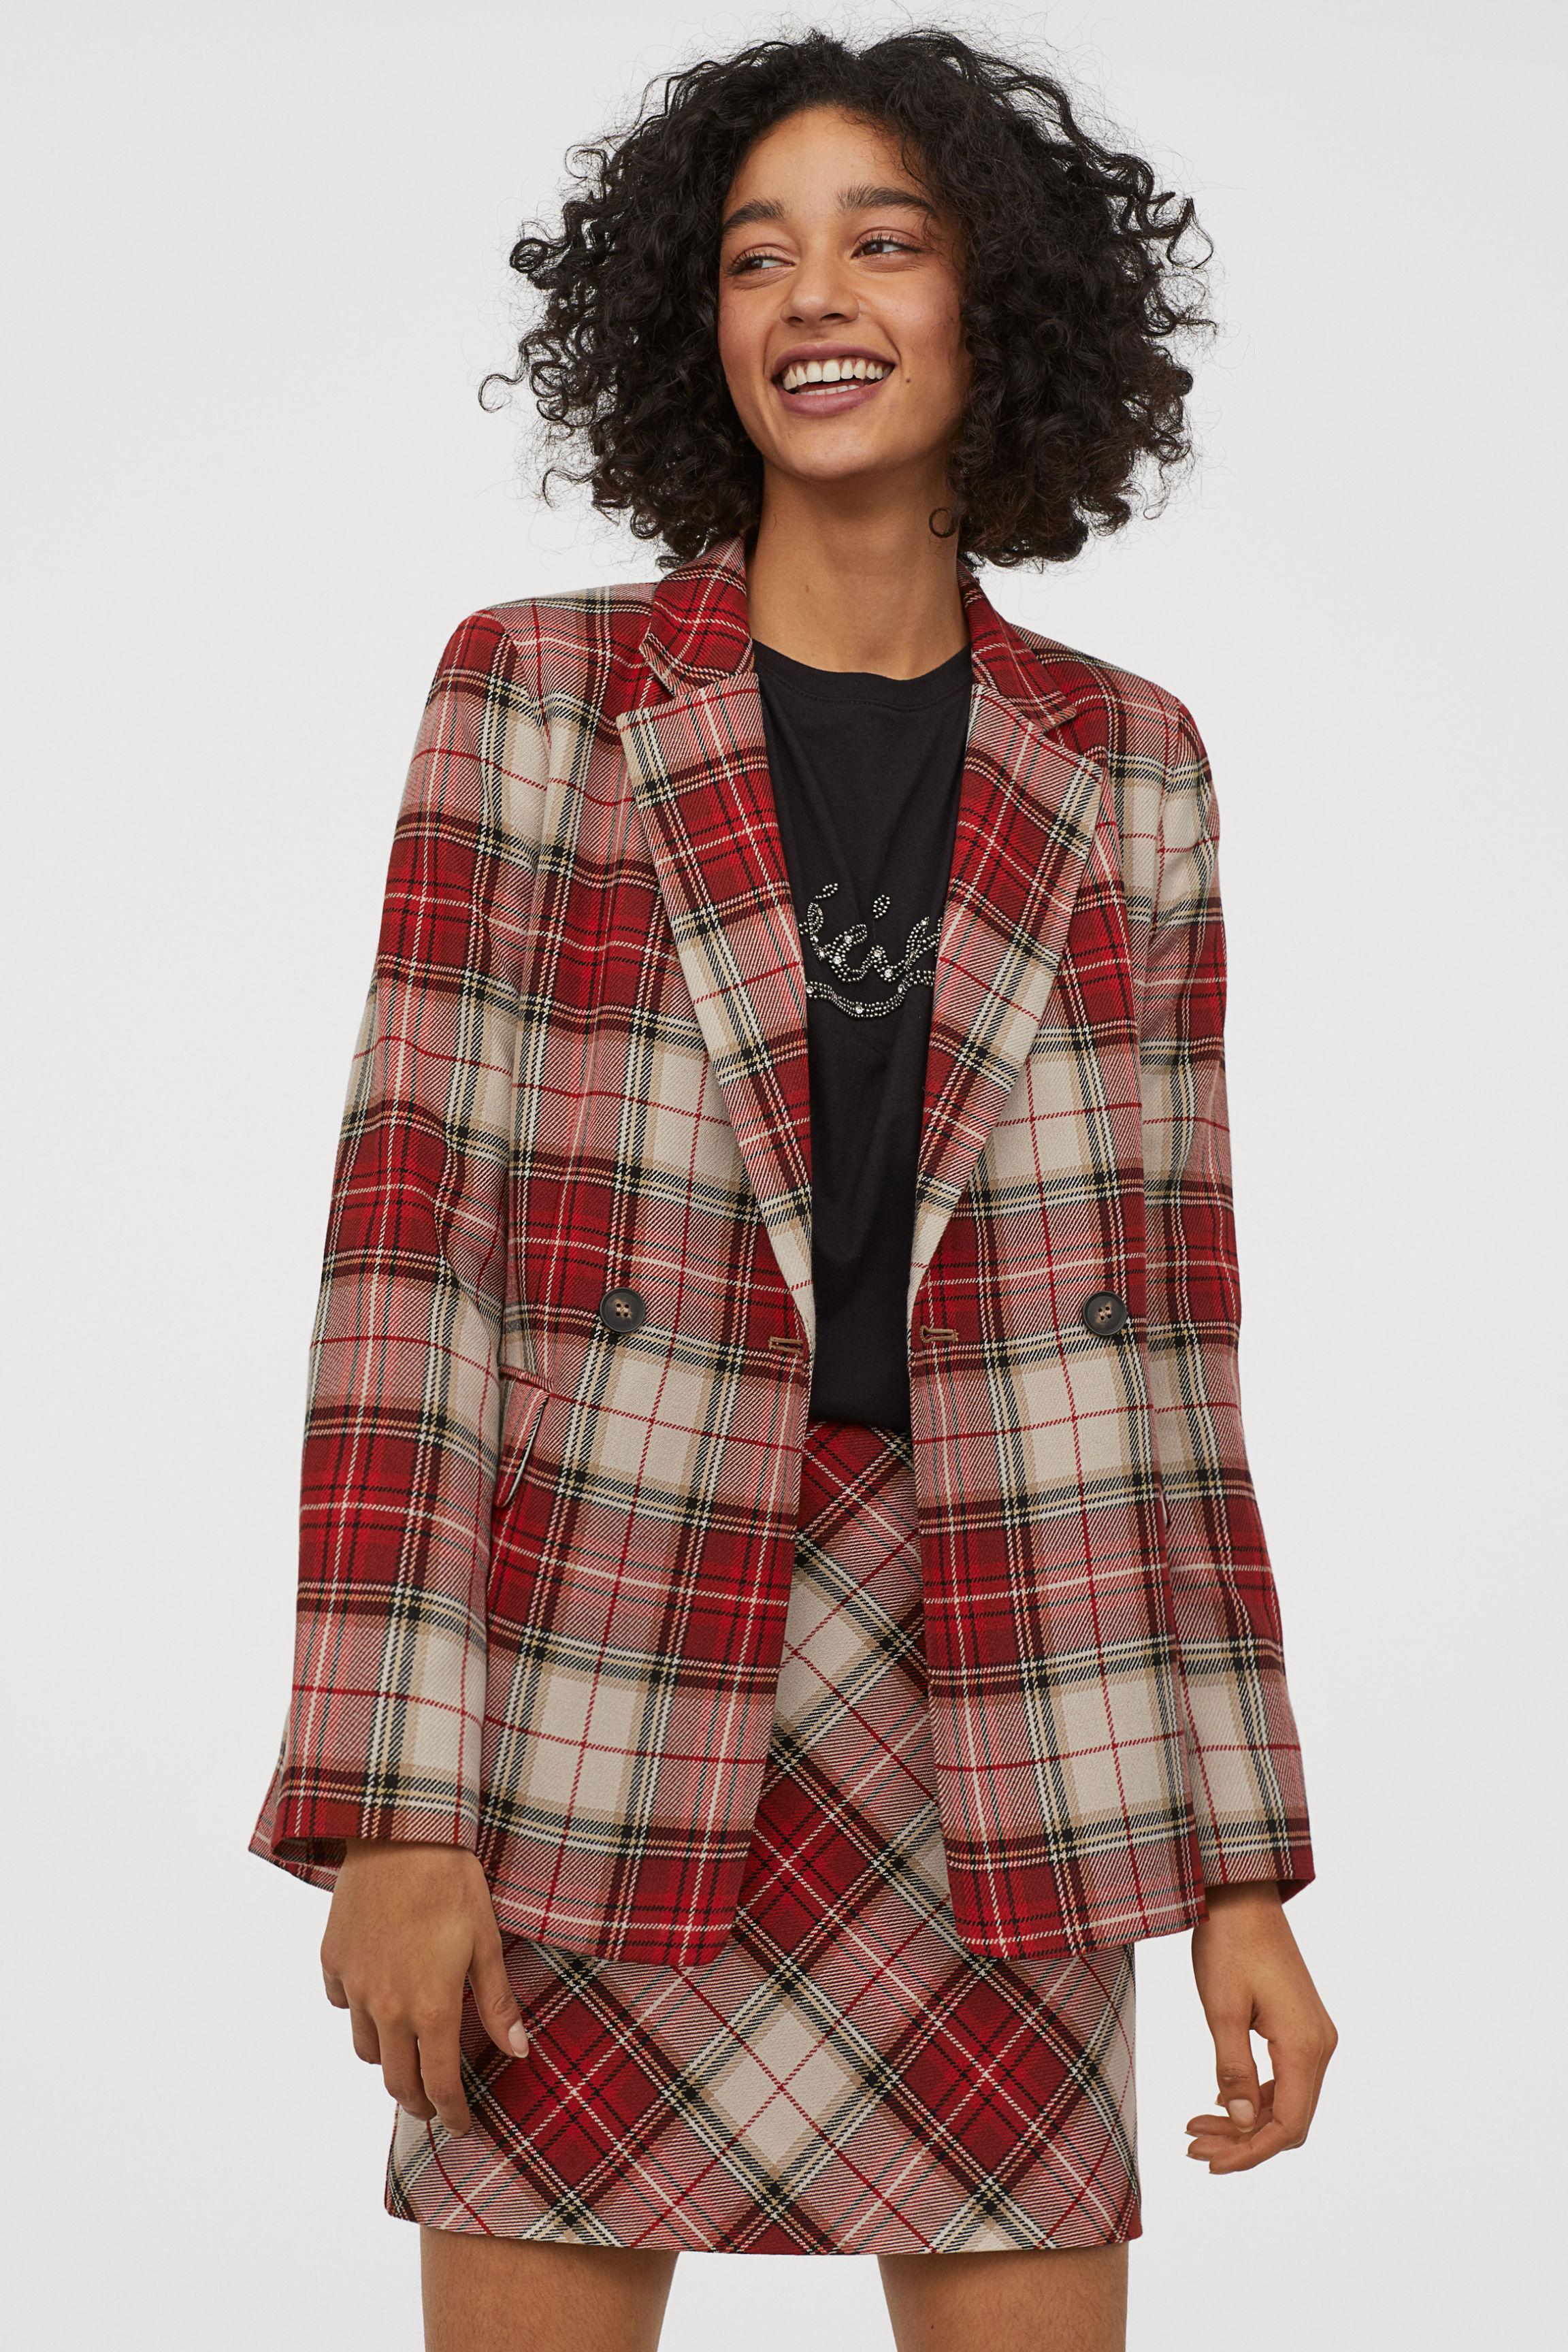 A-line Skirt - Black/red plaid - Ladies | H&M US